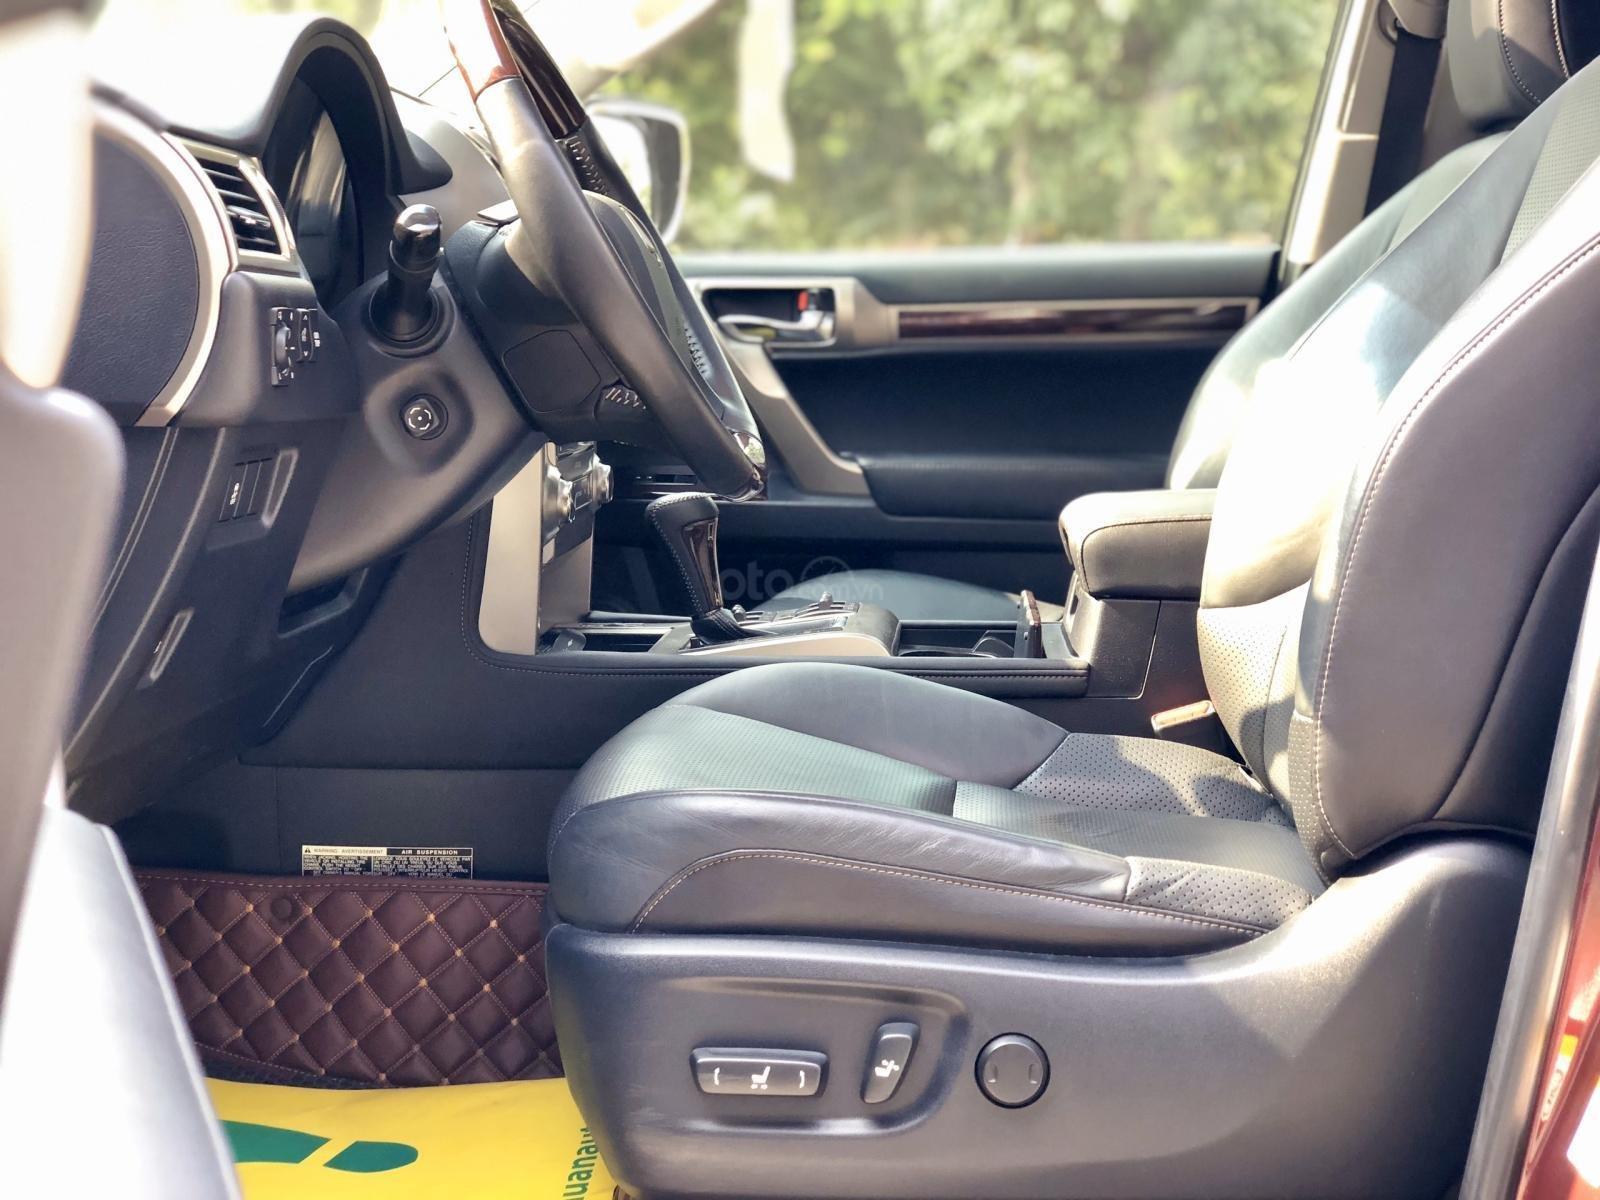 Bán Lexus GX 460 đời 2015, giao xe toàn quốc LH 094.539.2468 Ms Hương (7)